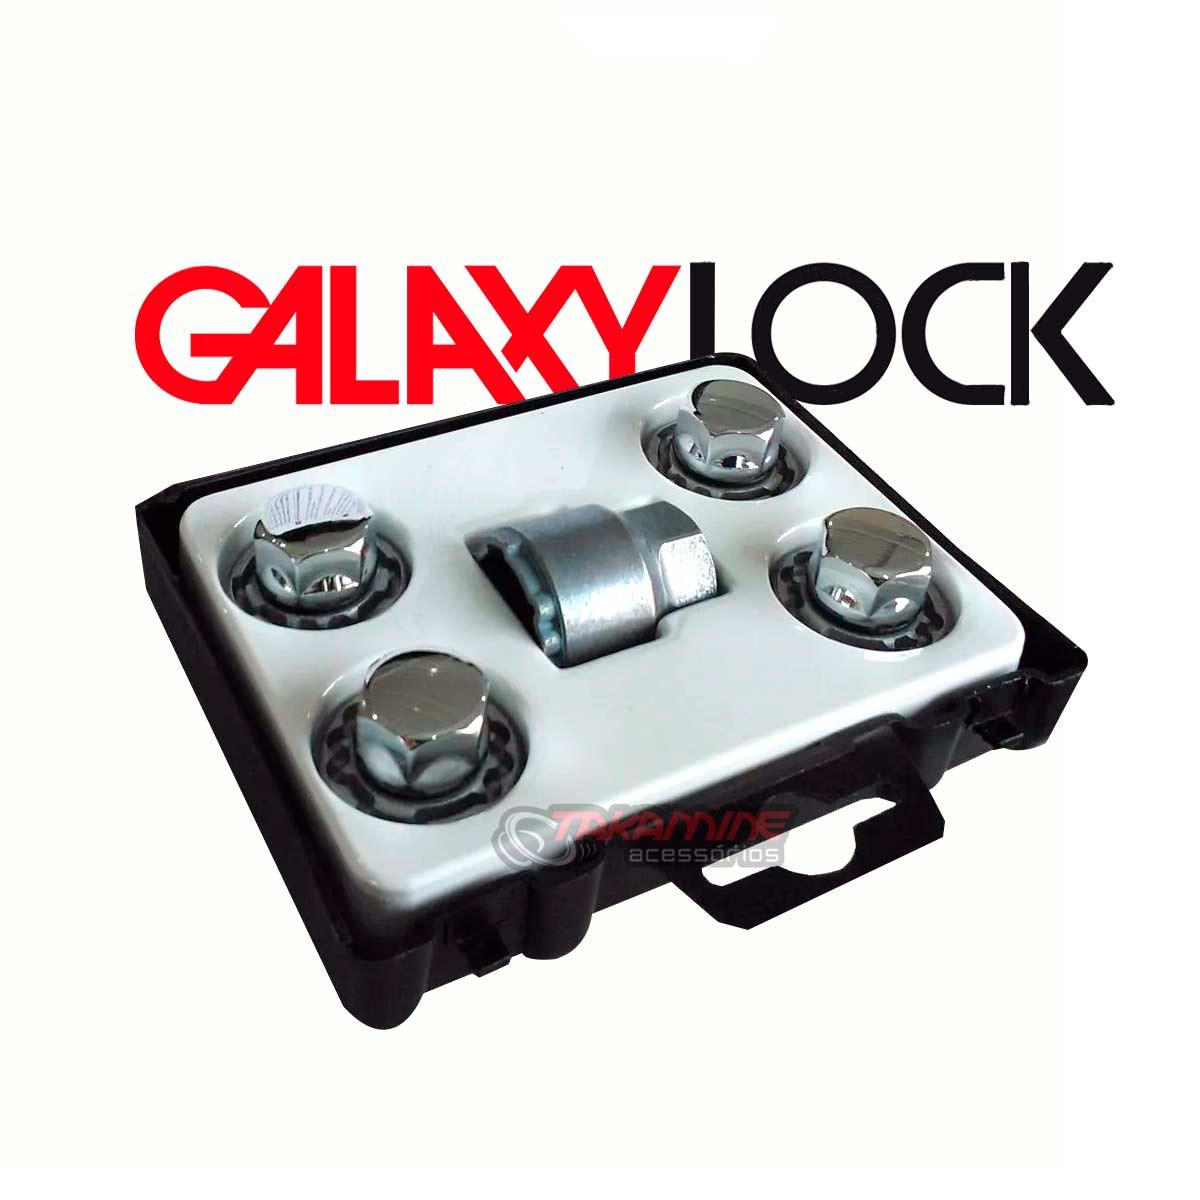 Porca antifurto para rodas Galaxy Lock Cobalt 2011 até 2019 H/M